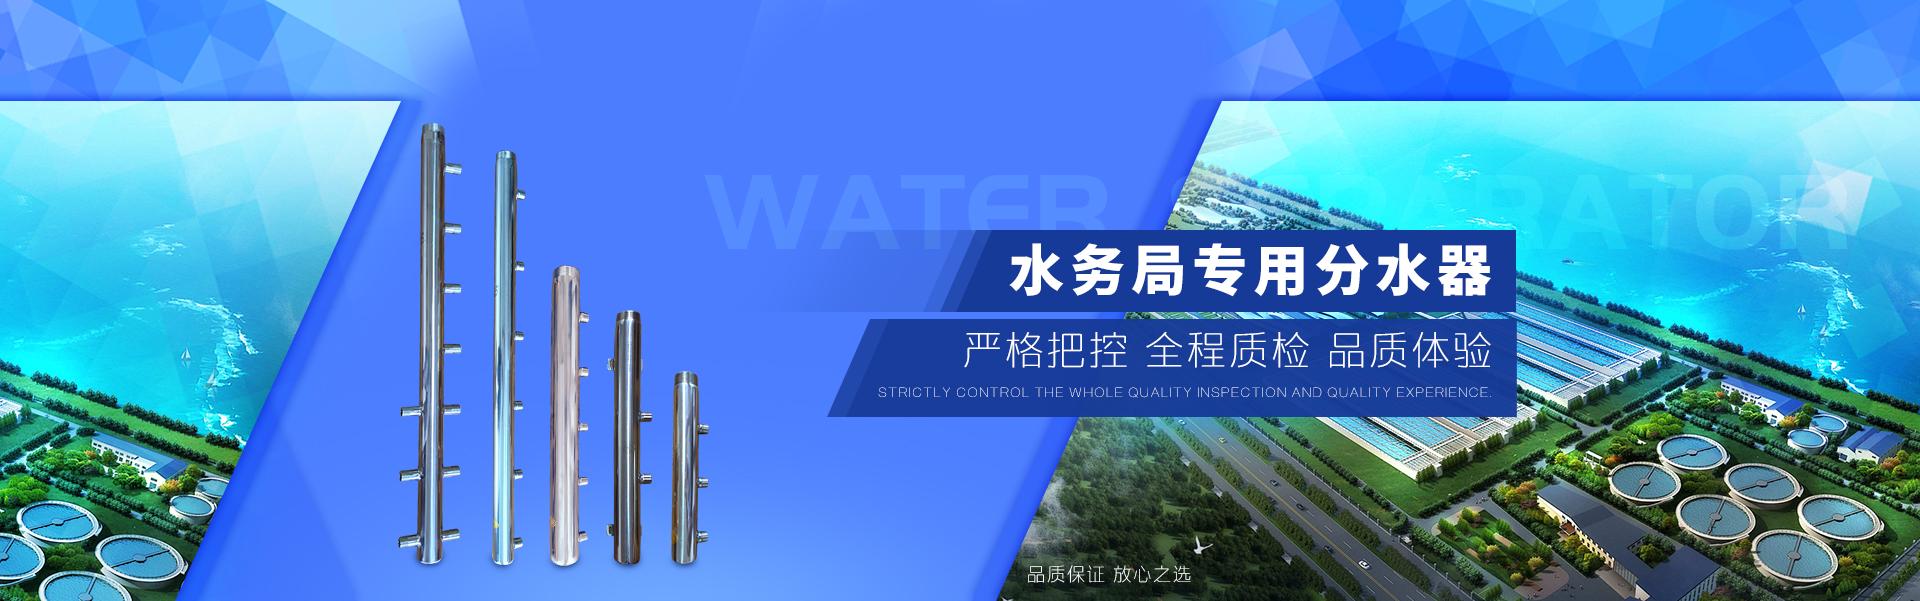 肇庆市力坚是一家主要生产不锈钢分水器的厂家。